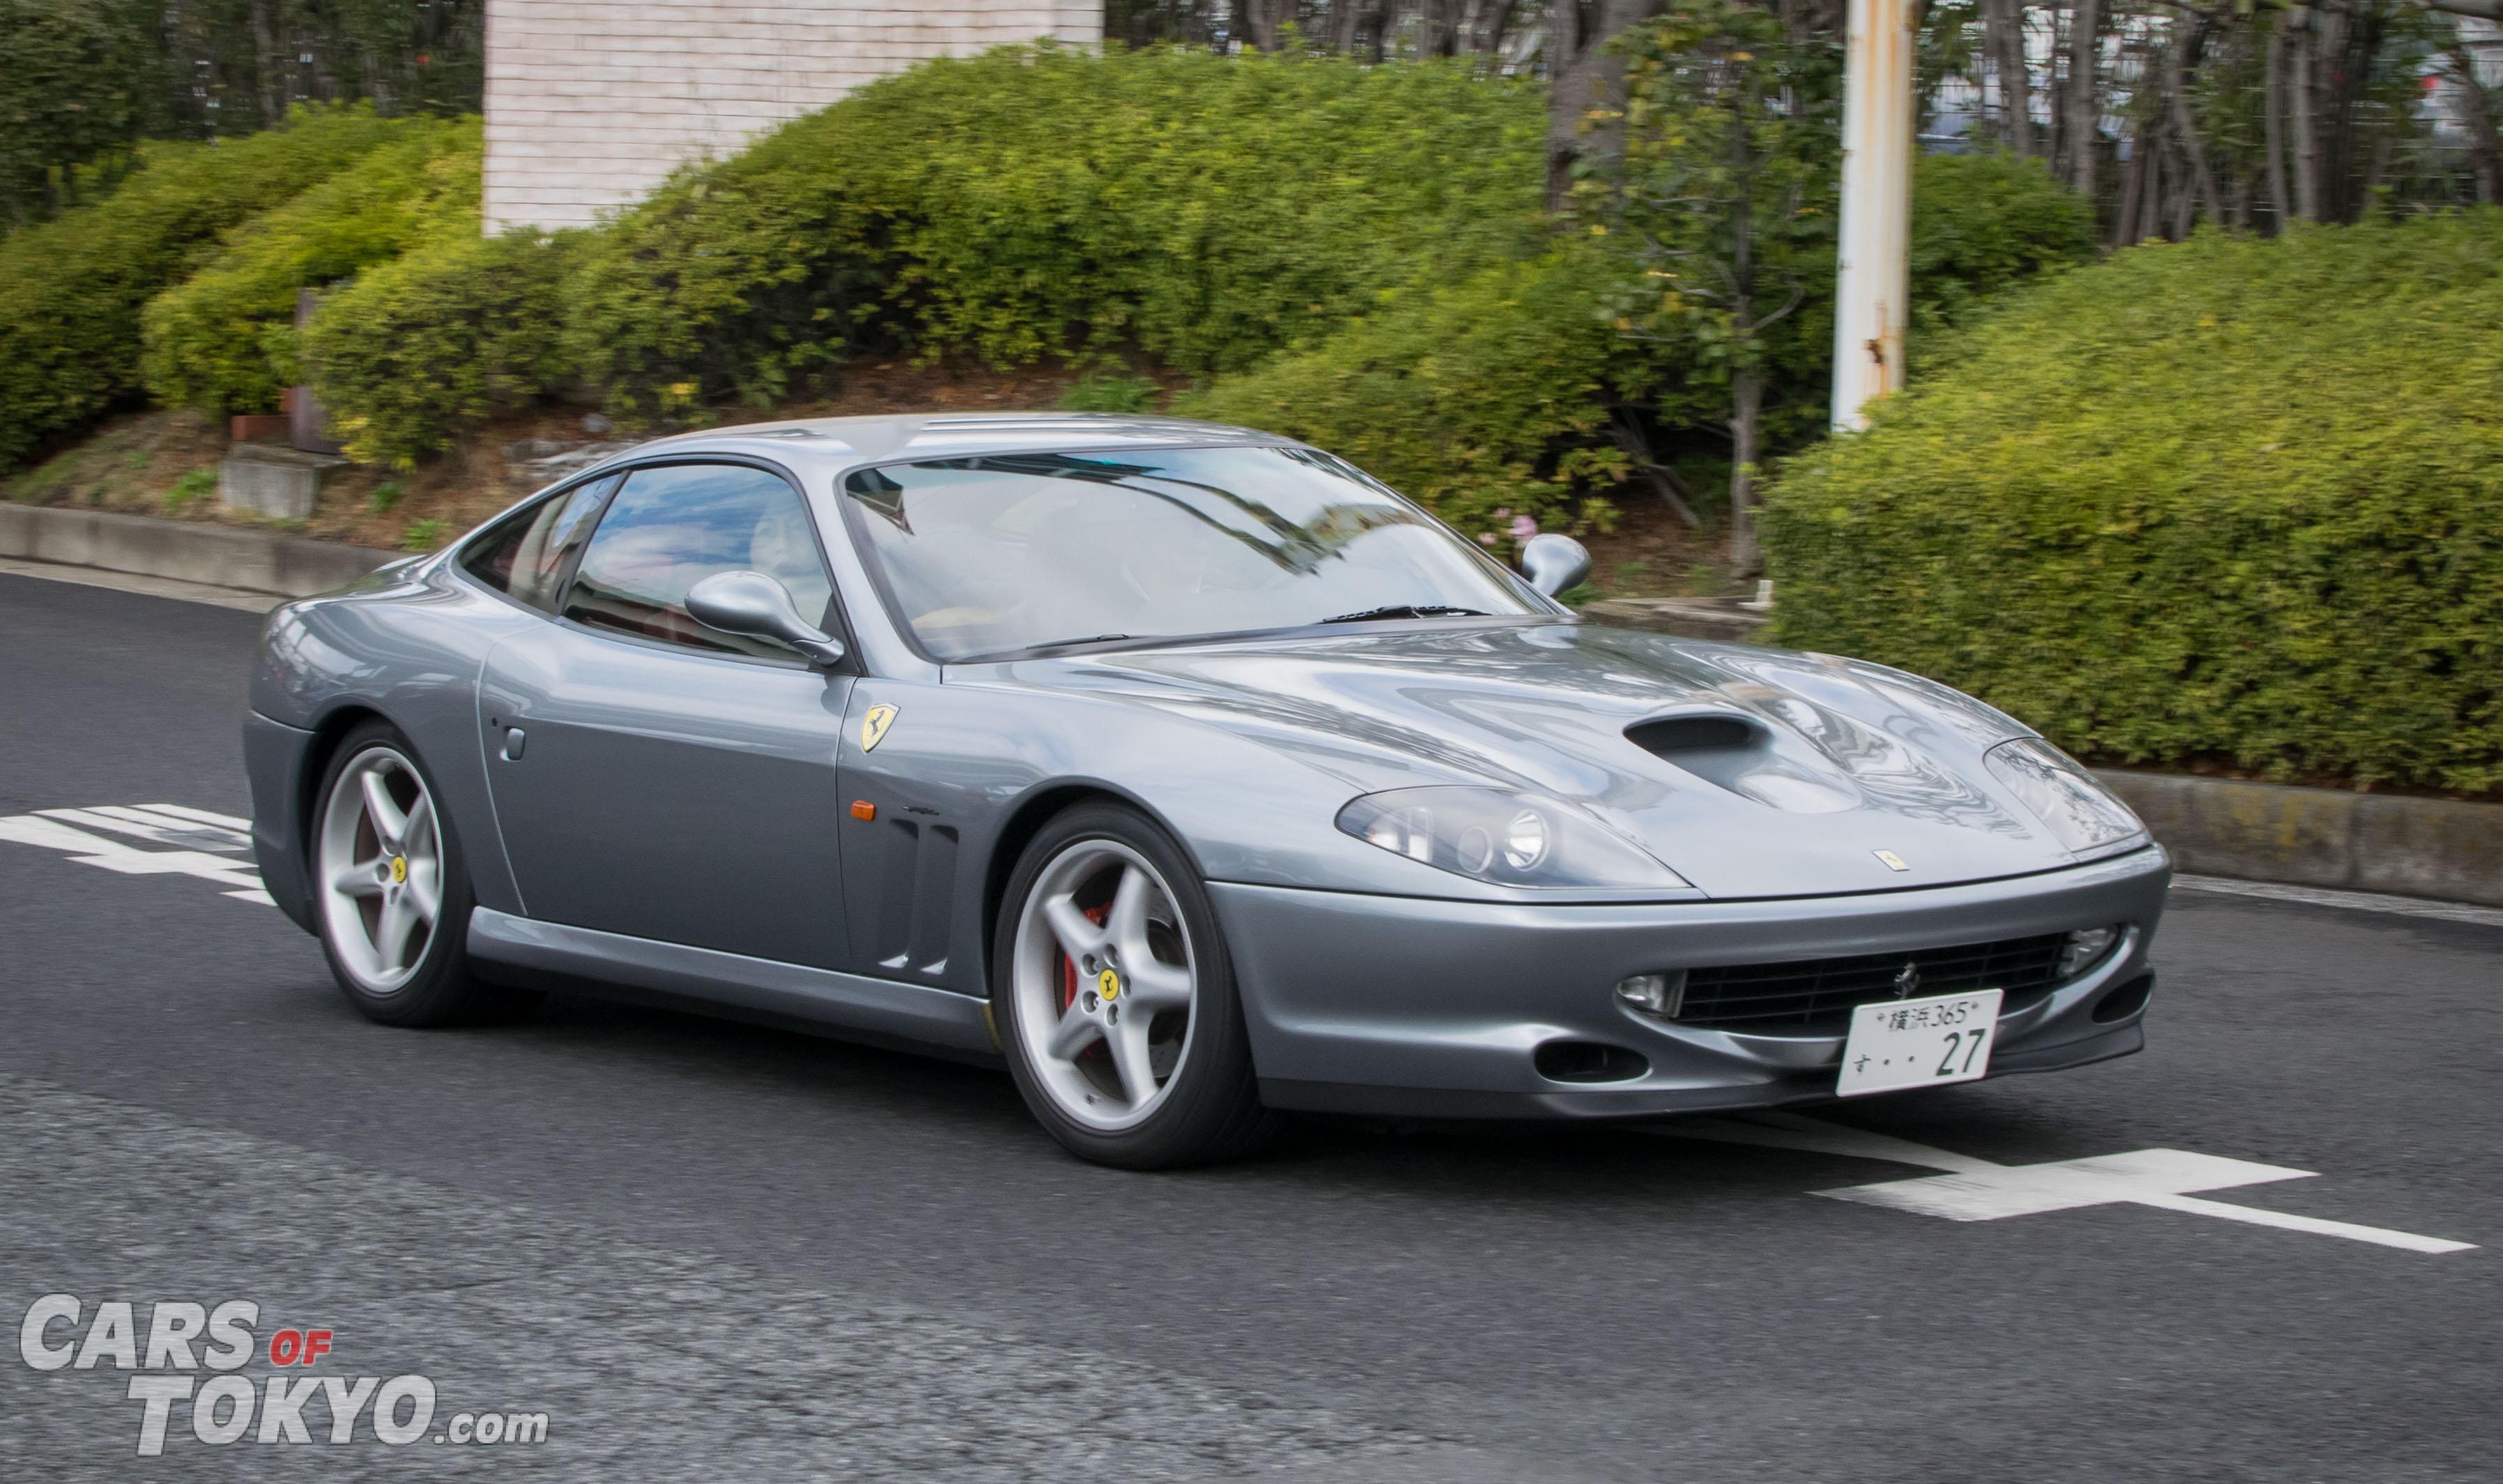 Cars of Tokyo Classic Ferrari 550 Maranello